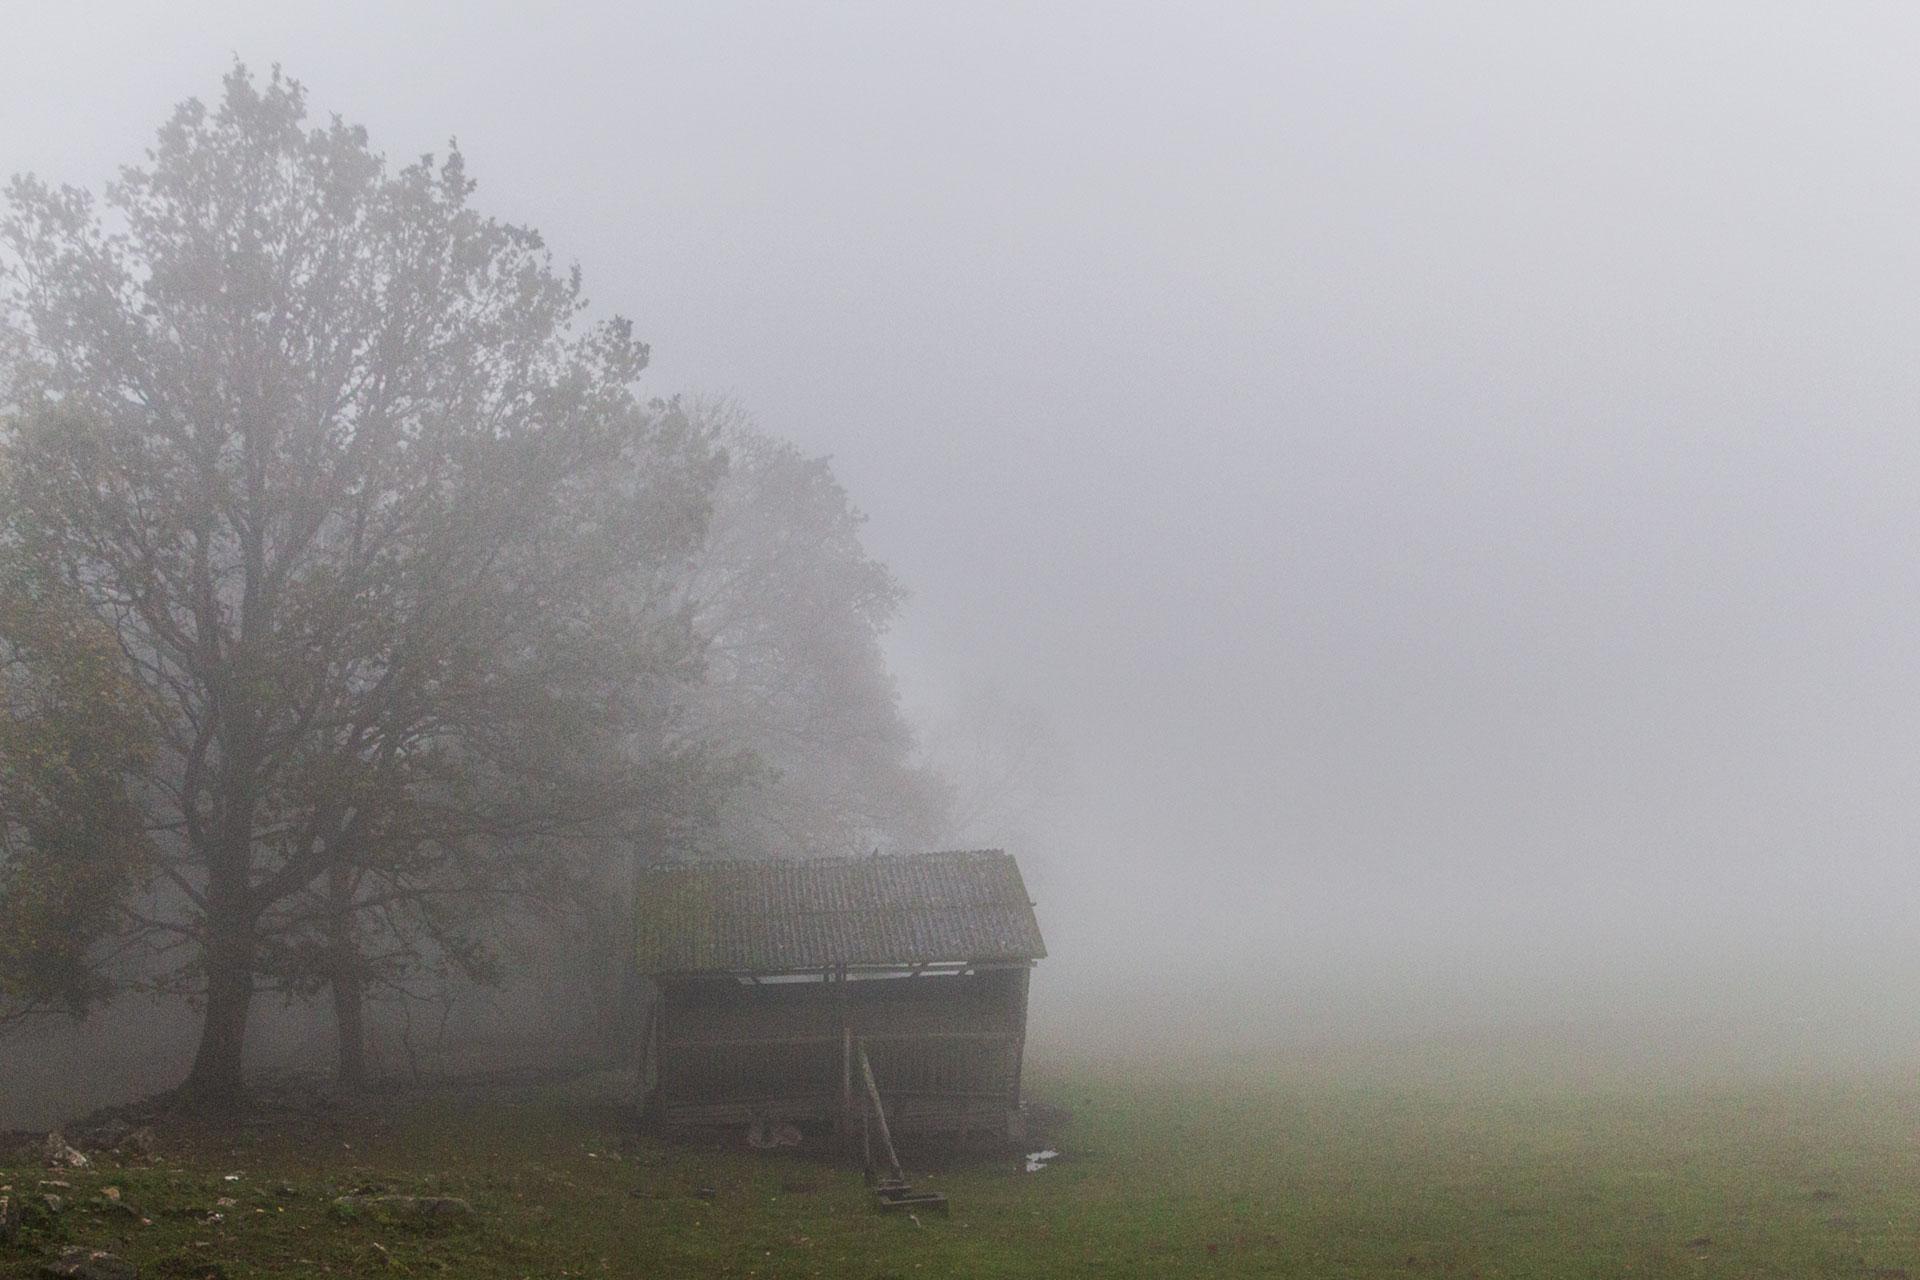 Insgesamt nichts Neues, aber trotzdem mystisch schön – am Wildgehege unterhalb der Wildenburg